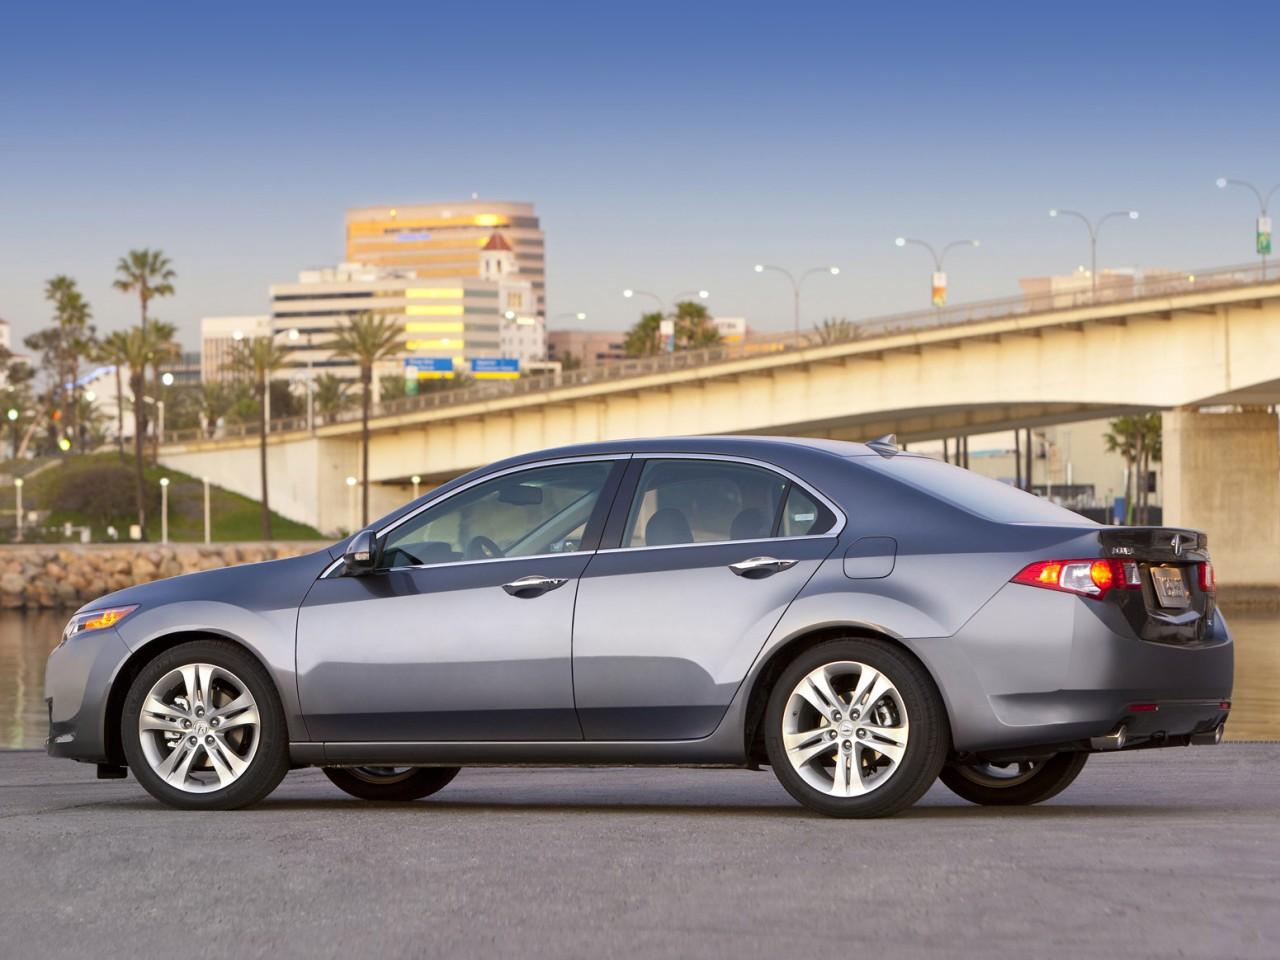 2010 Acura TSX V6 | Motor Desktop